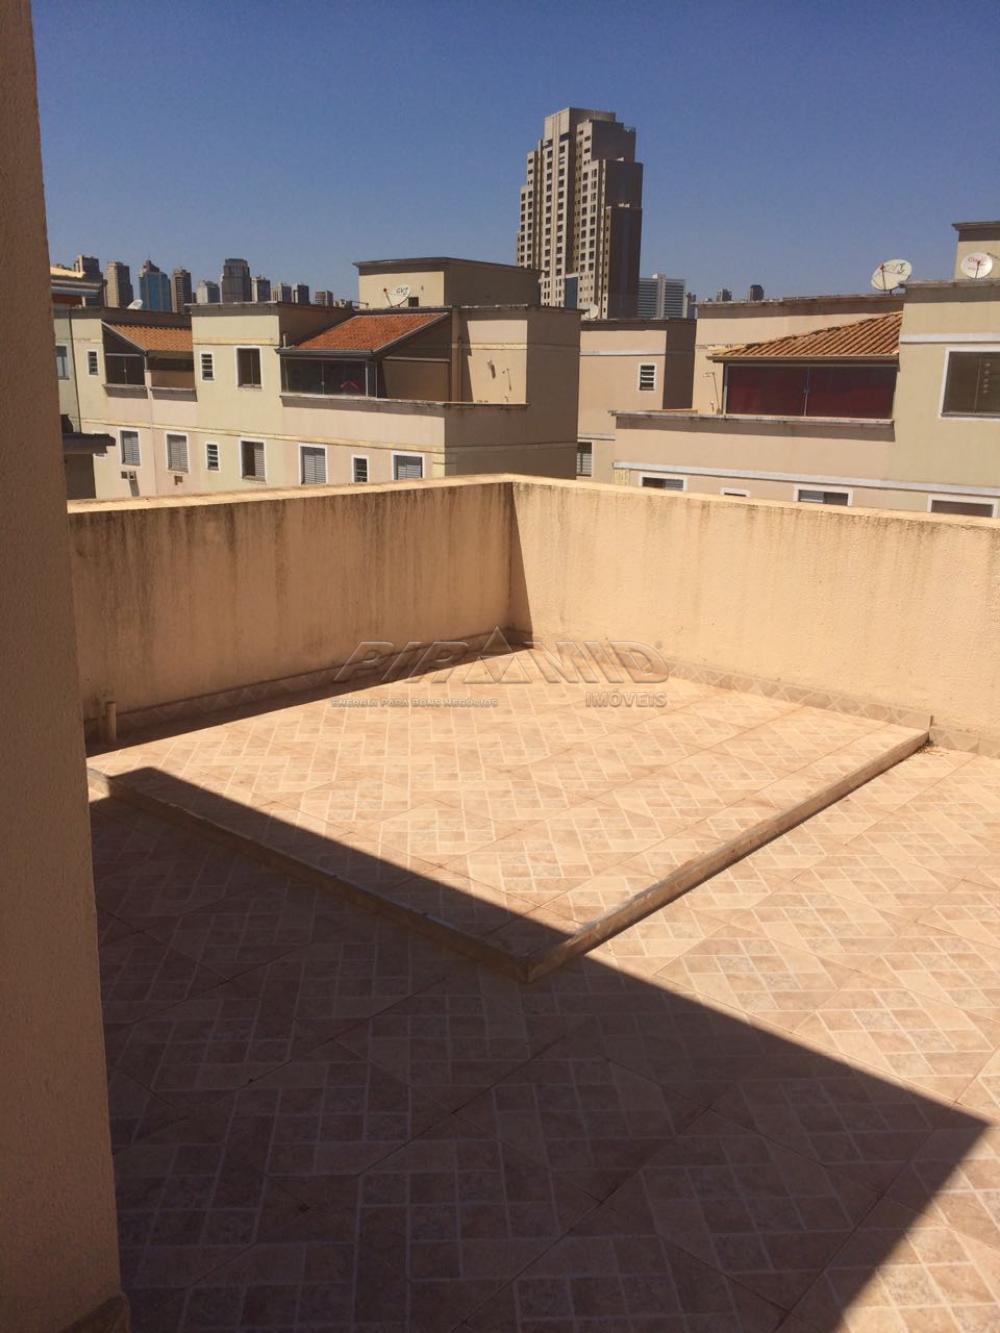 Comprar Apartamento / Cobertura em Ribeirão Preto apenas R$ 265.000,00 - Foto 1